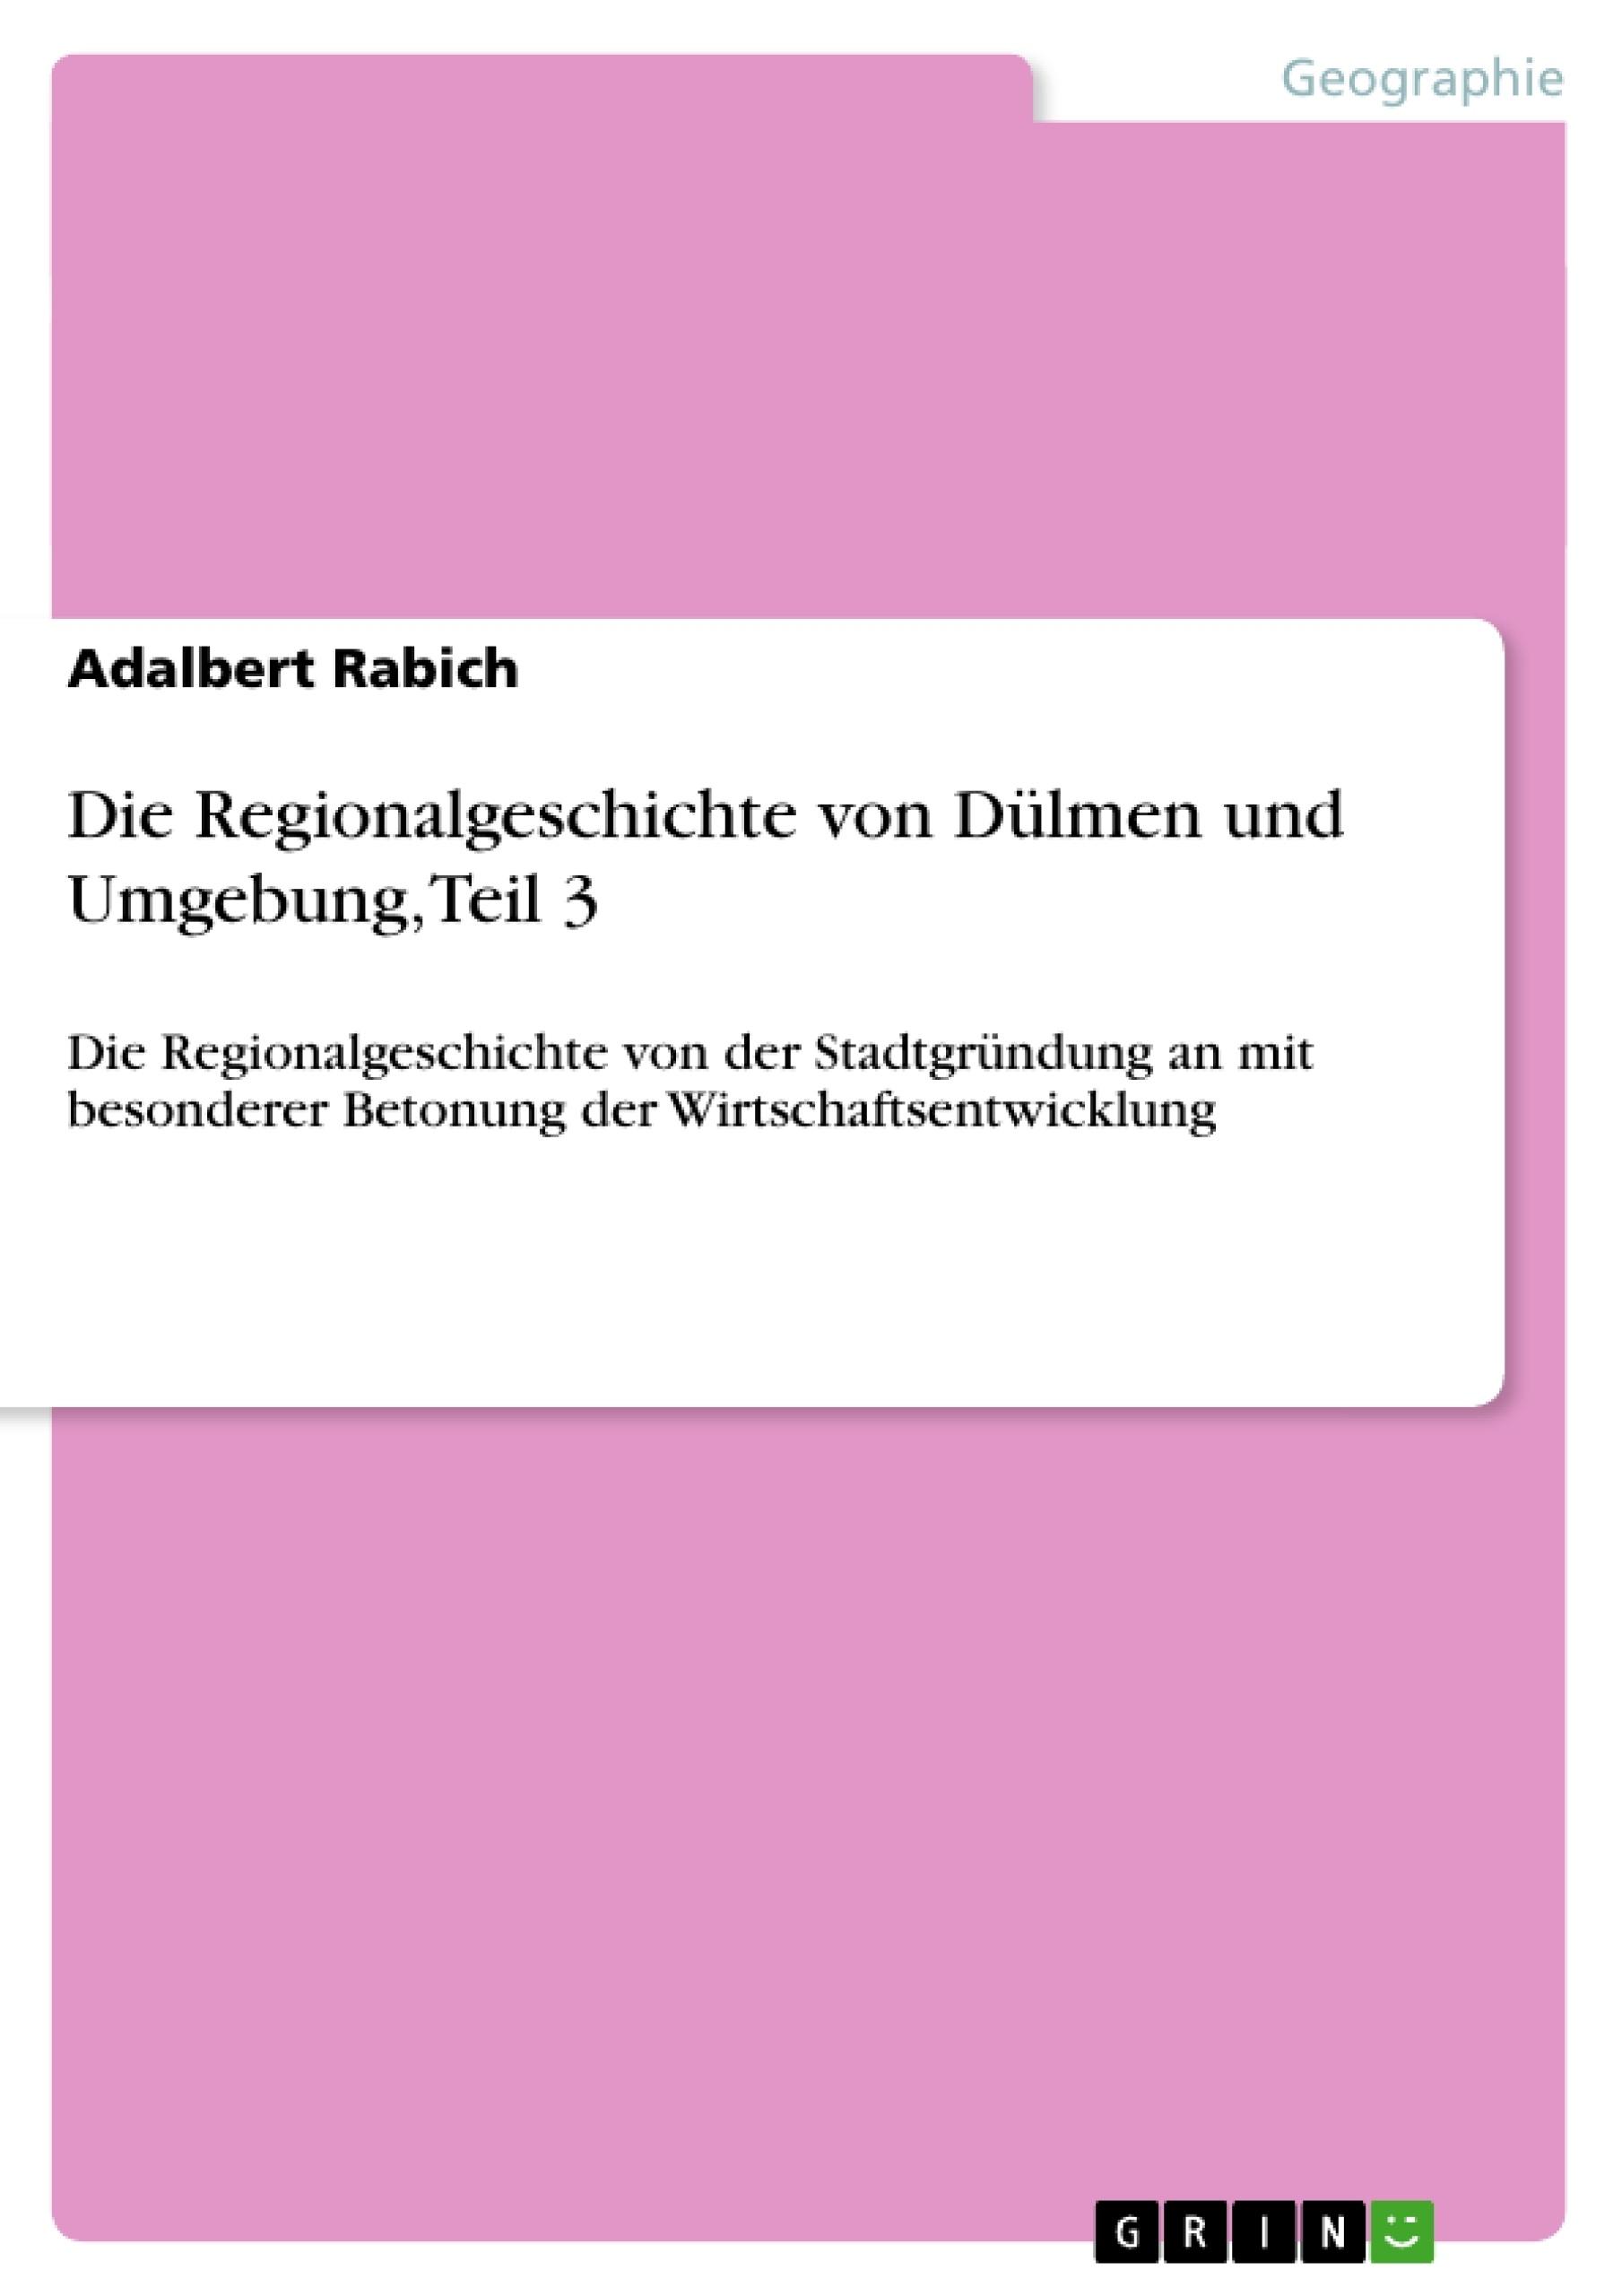 Titel: Die Regionalgeschichte von Dülmen und Umgebung, Teil 3